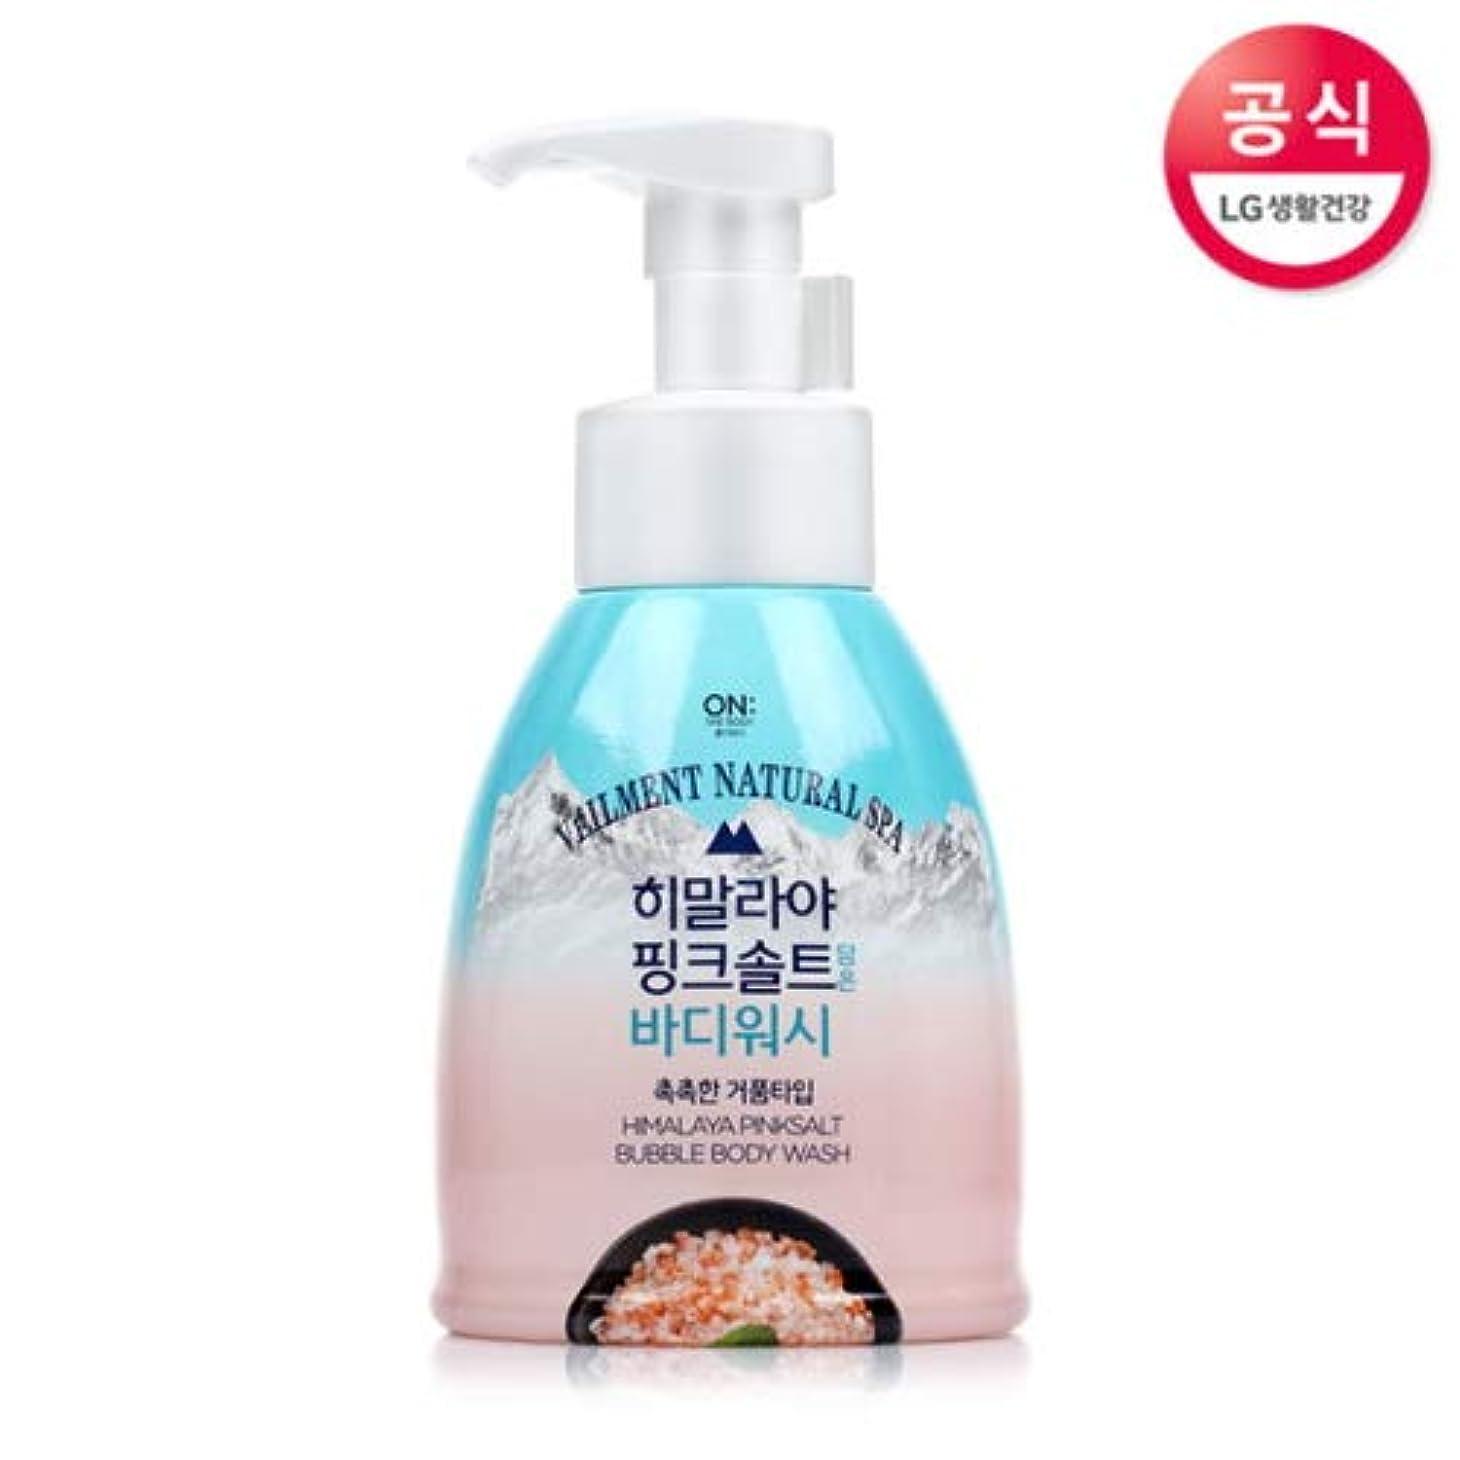 粗い溶接意味のある[LG HnB] On the Body Himalayan Pink Salt Bubble Body Cleanser/オンザボディヒマラヤピンクソルト、バブルボディクレンザー 540ml x1個(海外直送品)